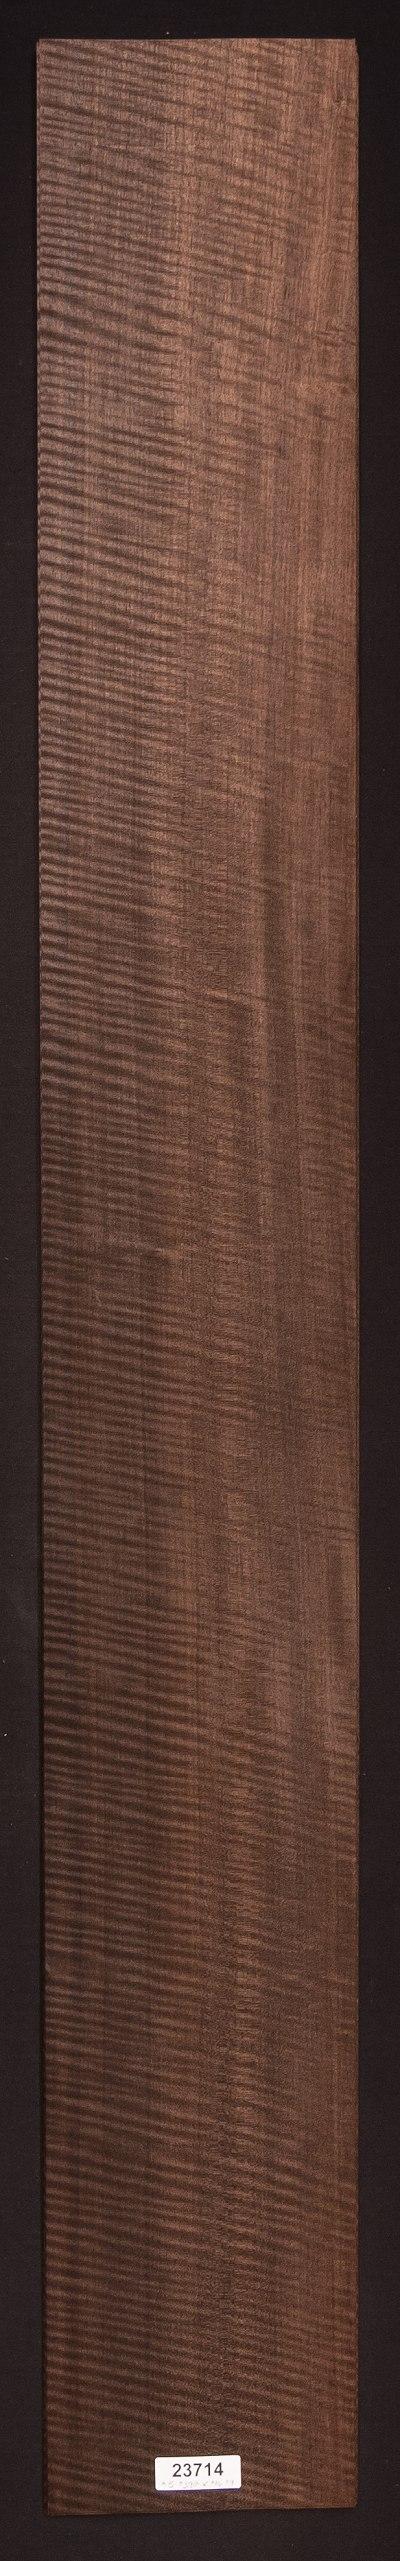 AAA Curly Fumed Etimoe Veneer Sheet